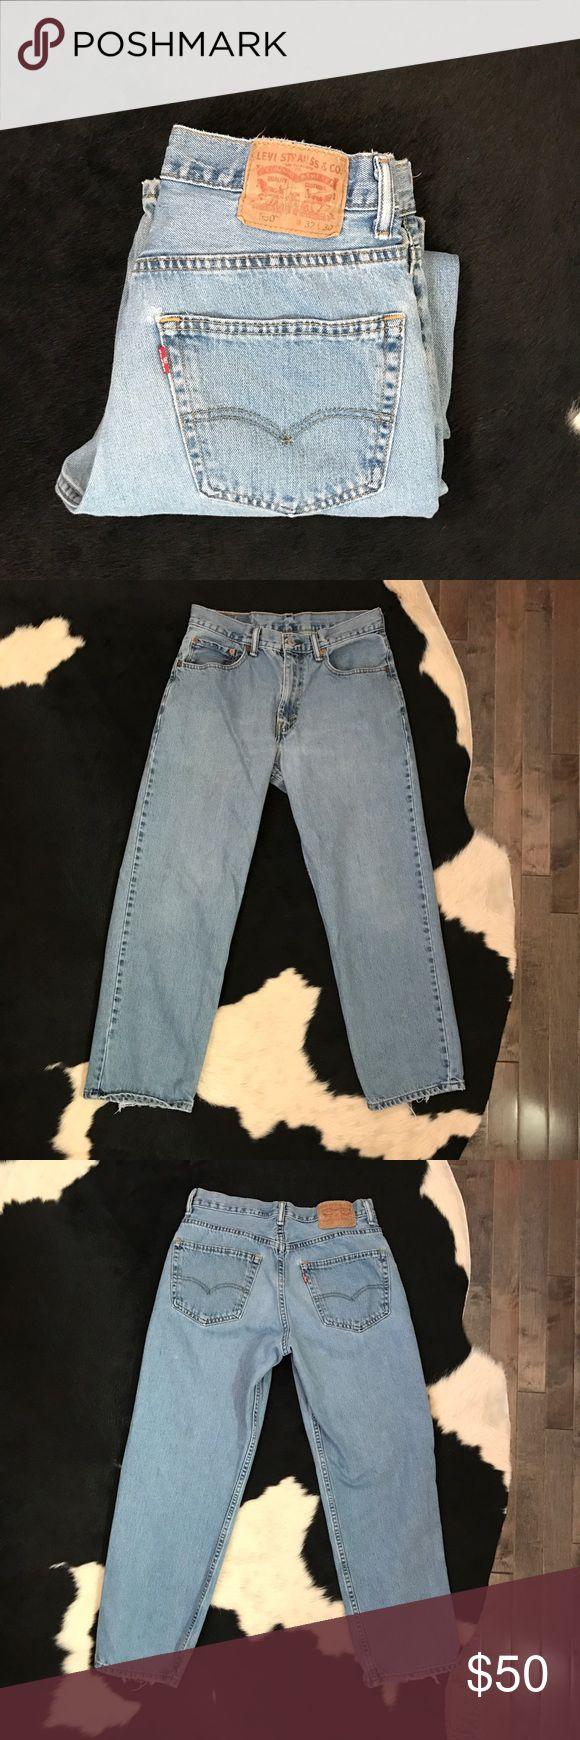 Vintage Levi's 550 high waist jeans Vintage Levi's 550 high waist jeans. Has 31 inch waist Levi's Jeans Skinny